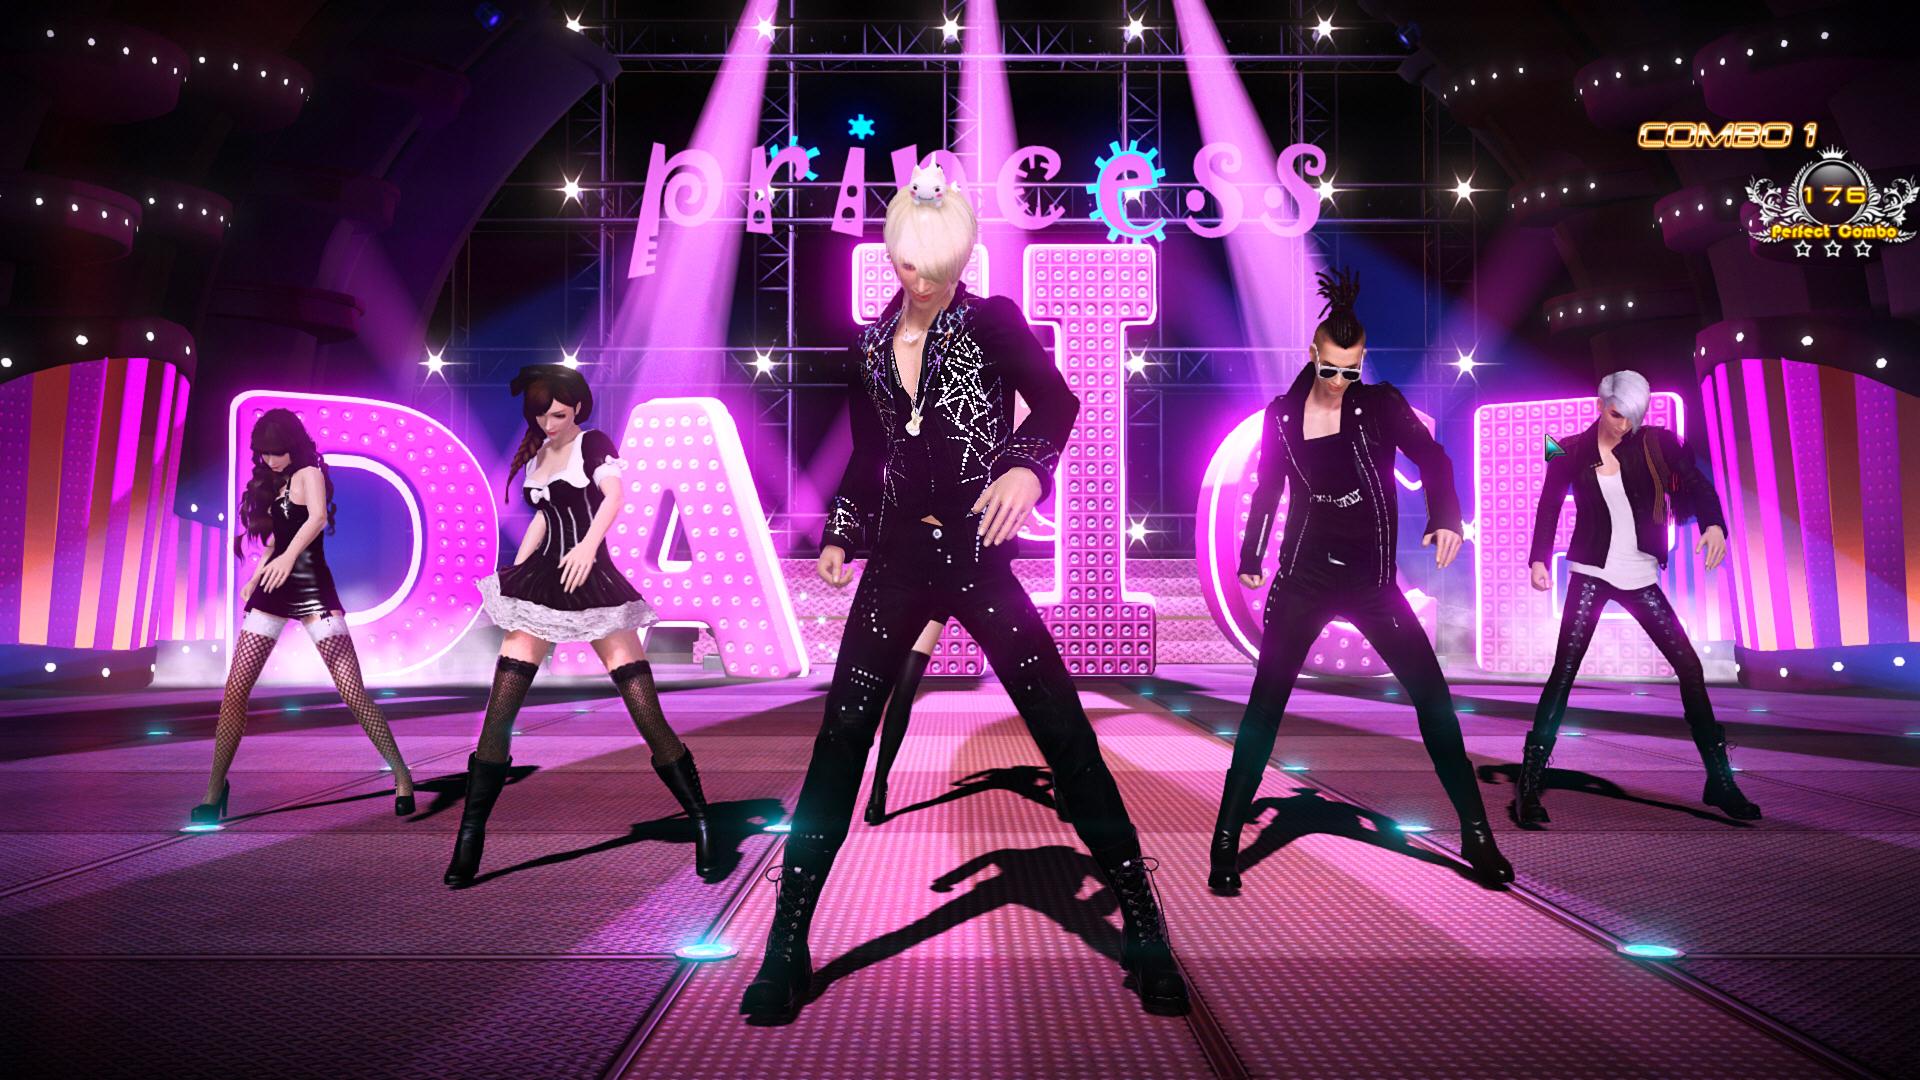 где можно скачать игру xd: love dance music